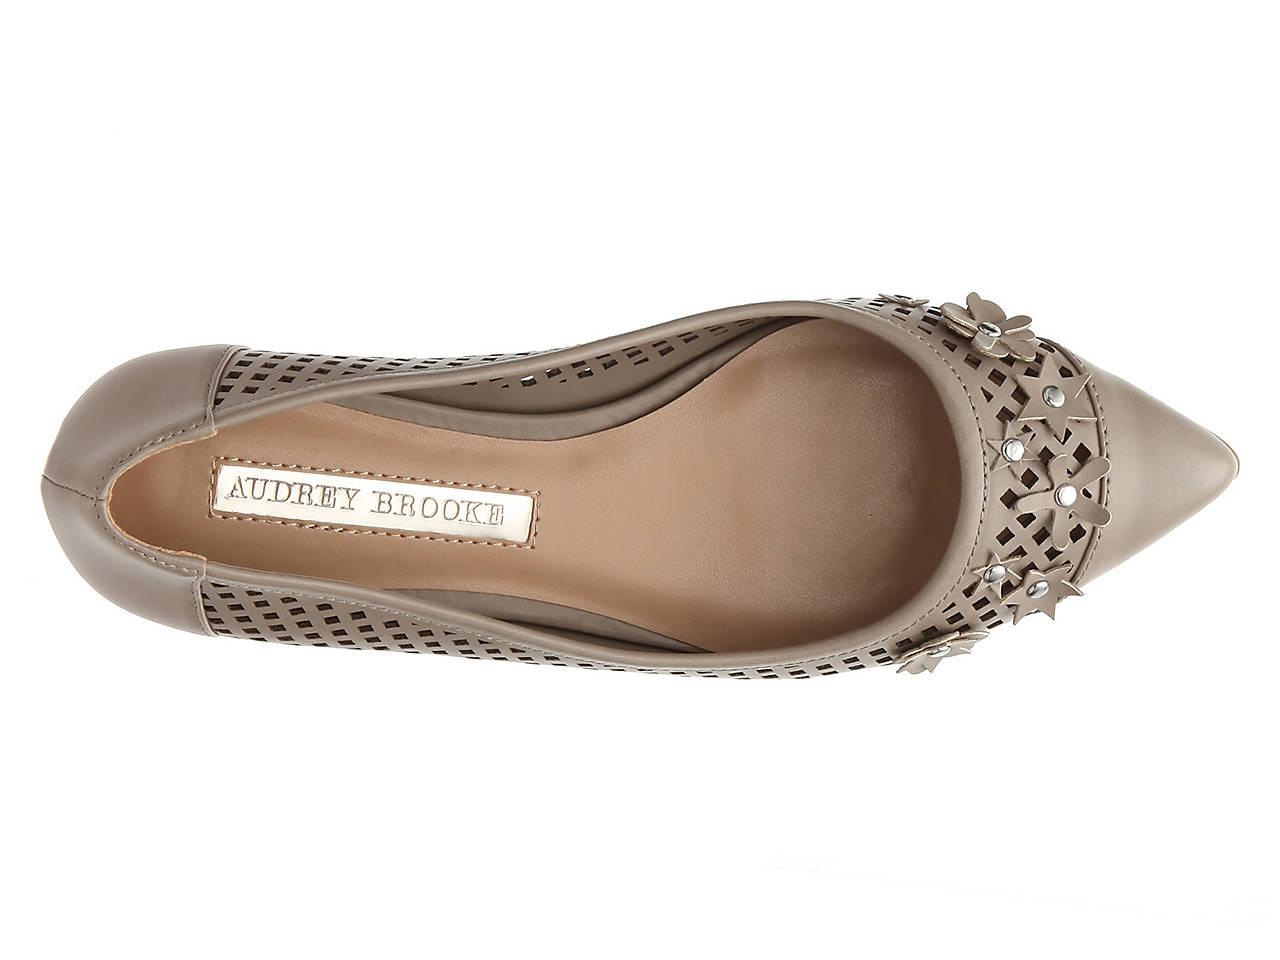 5efe2d5e2934 Audrey Brooke Lilith Flat Women's Shoes | DSW